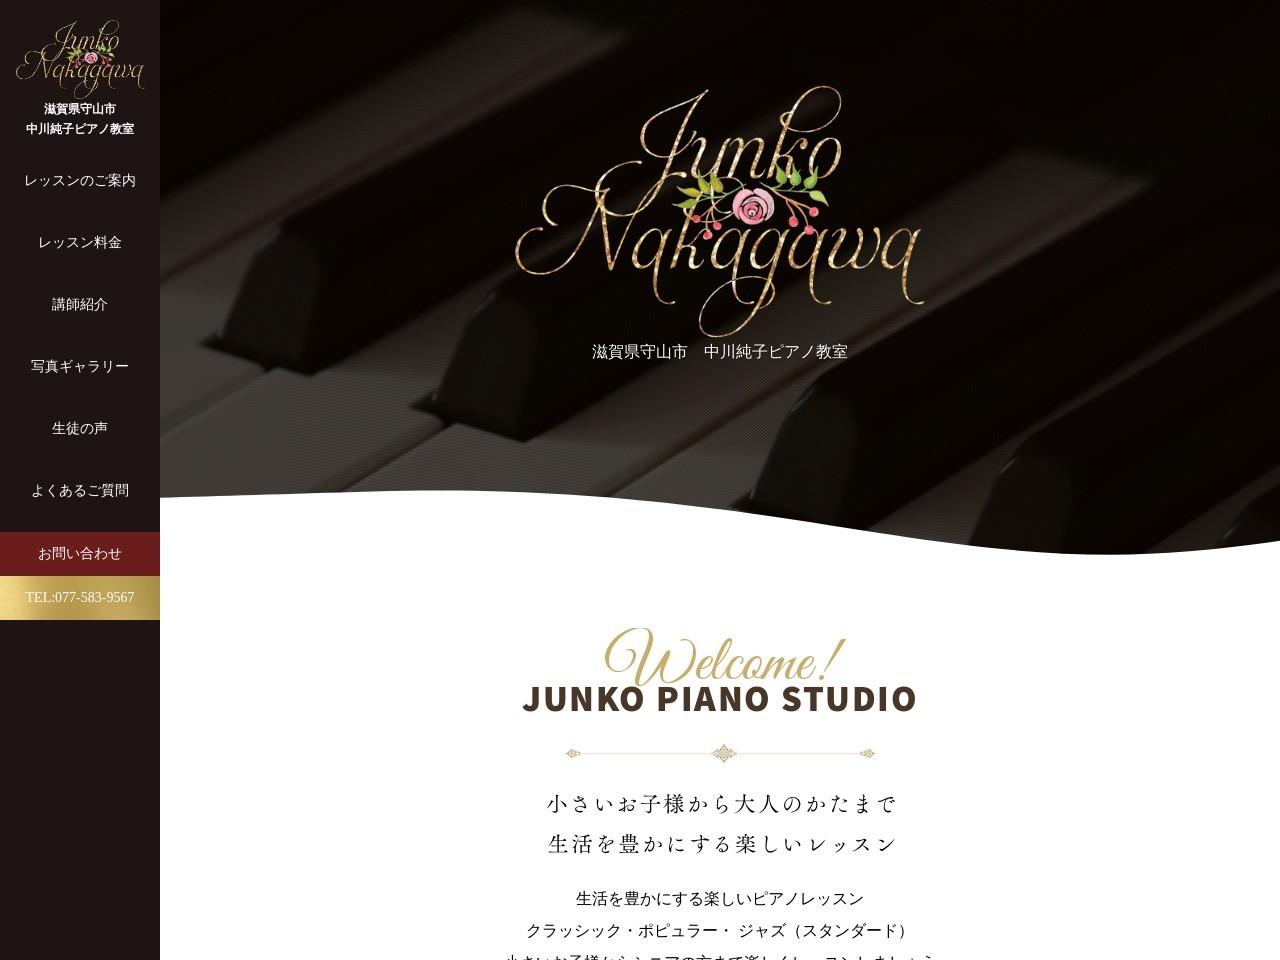 中川純子ピアノ教室のサムネイル